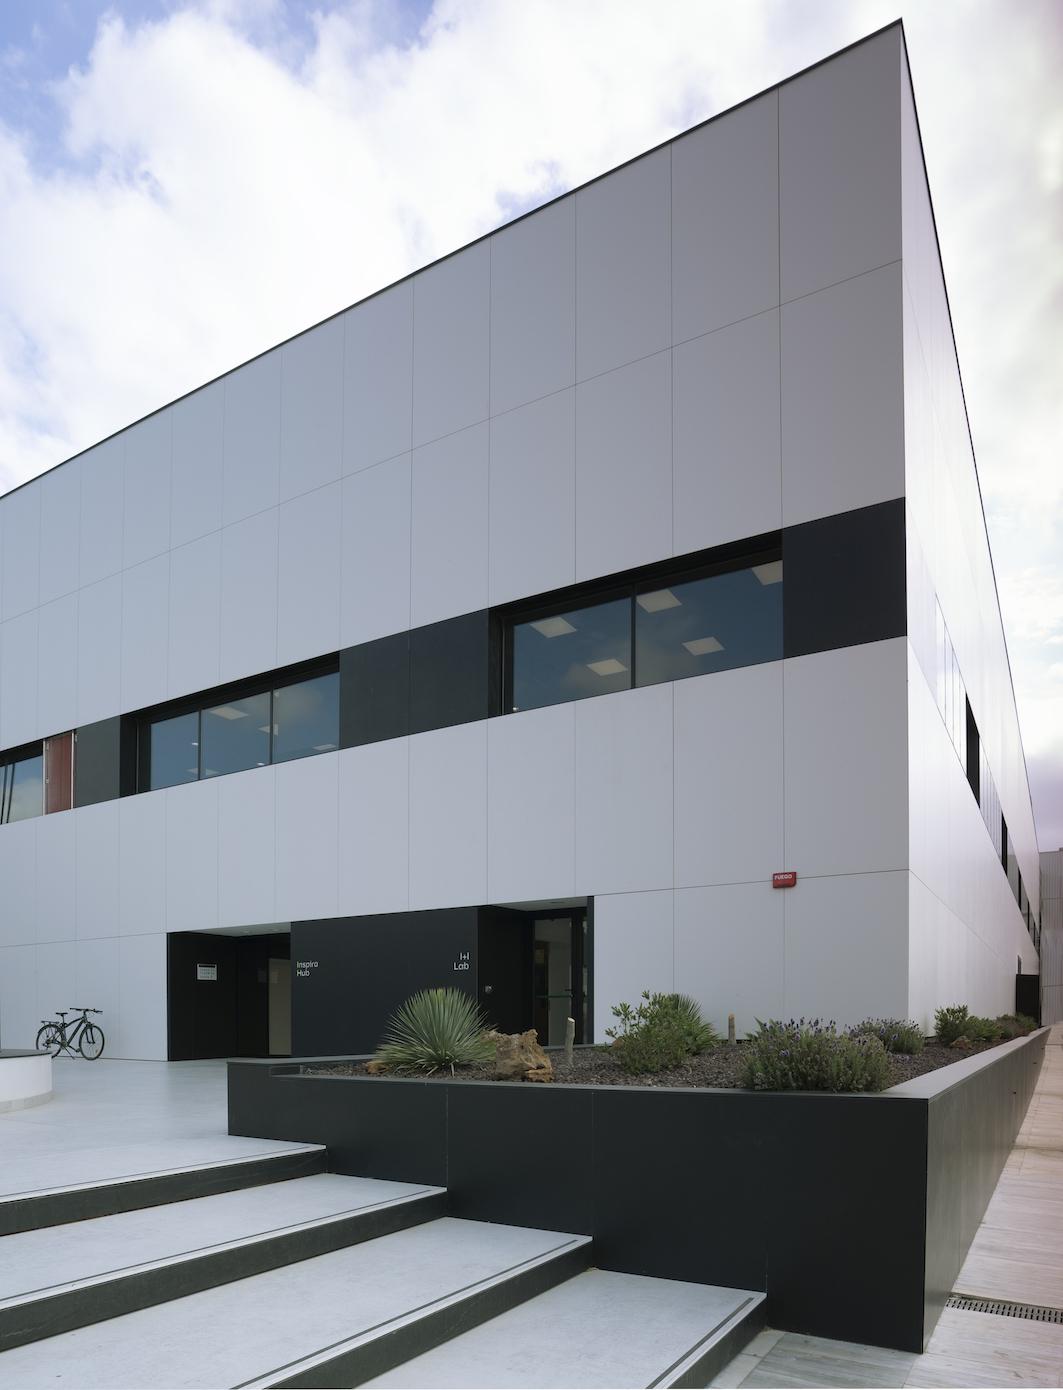 Image of Fachada Centro I D Cosentino 1 in Cosentino opens its own R&D&I Centre - Cosentino